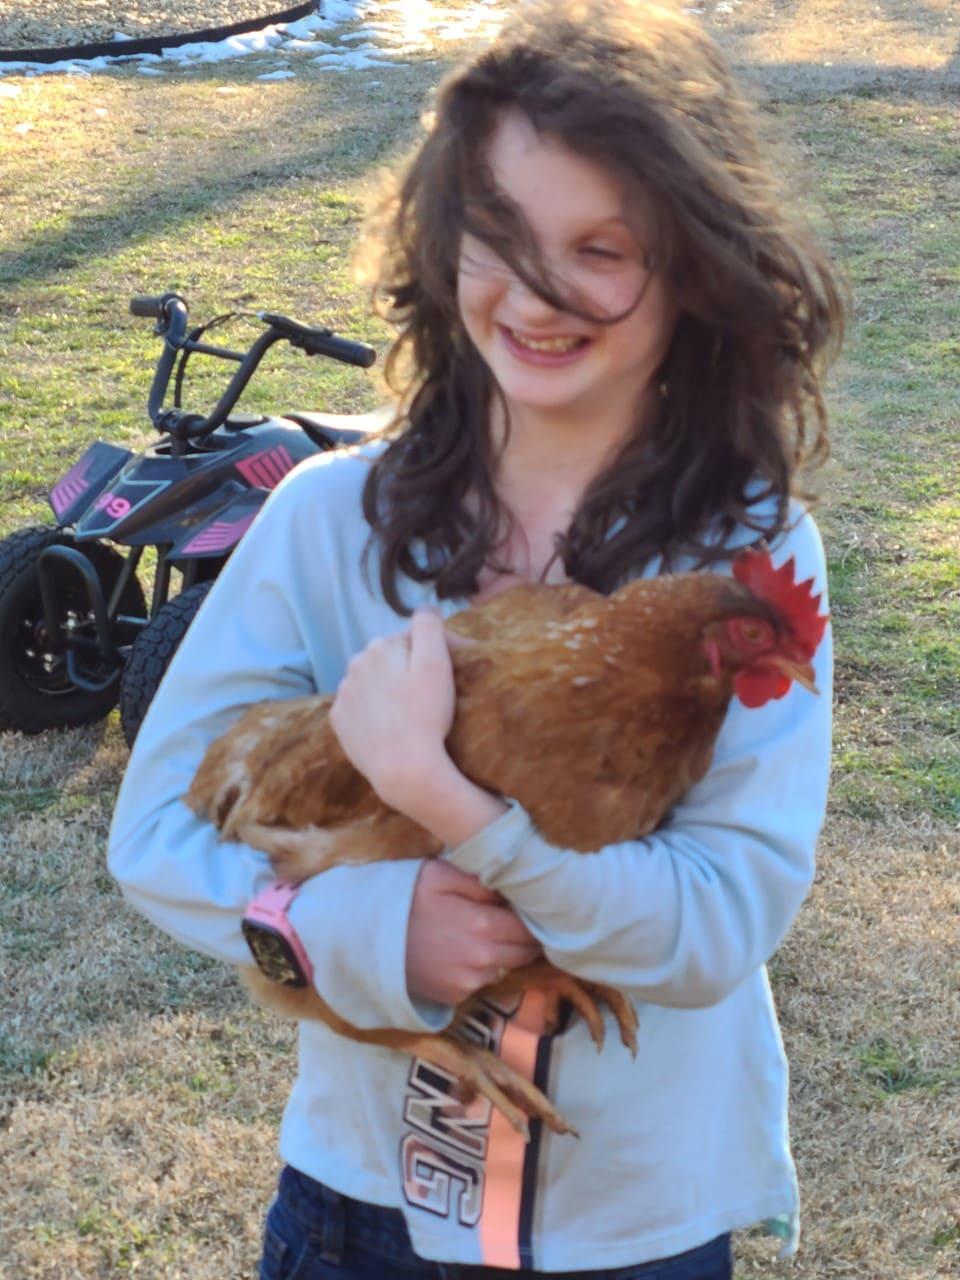 Rachel Derrick holding a rooster